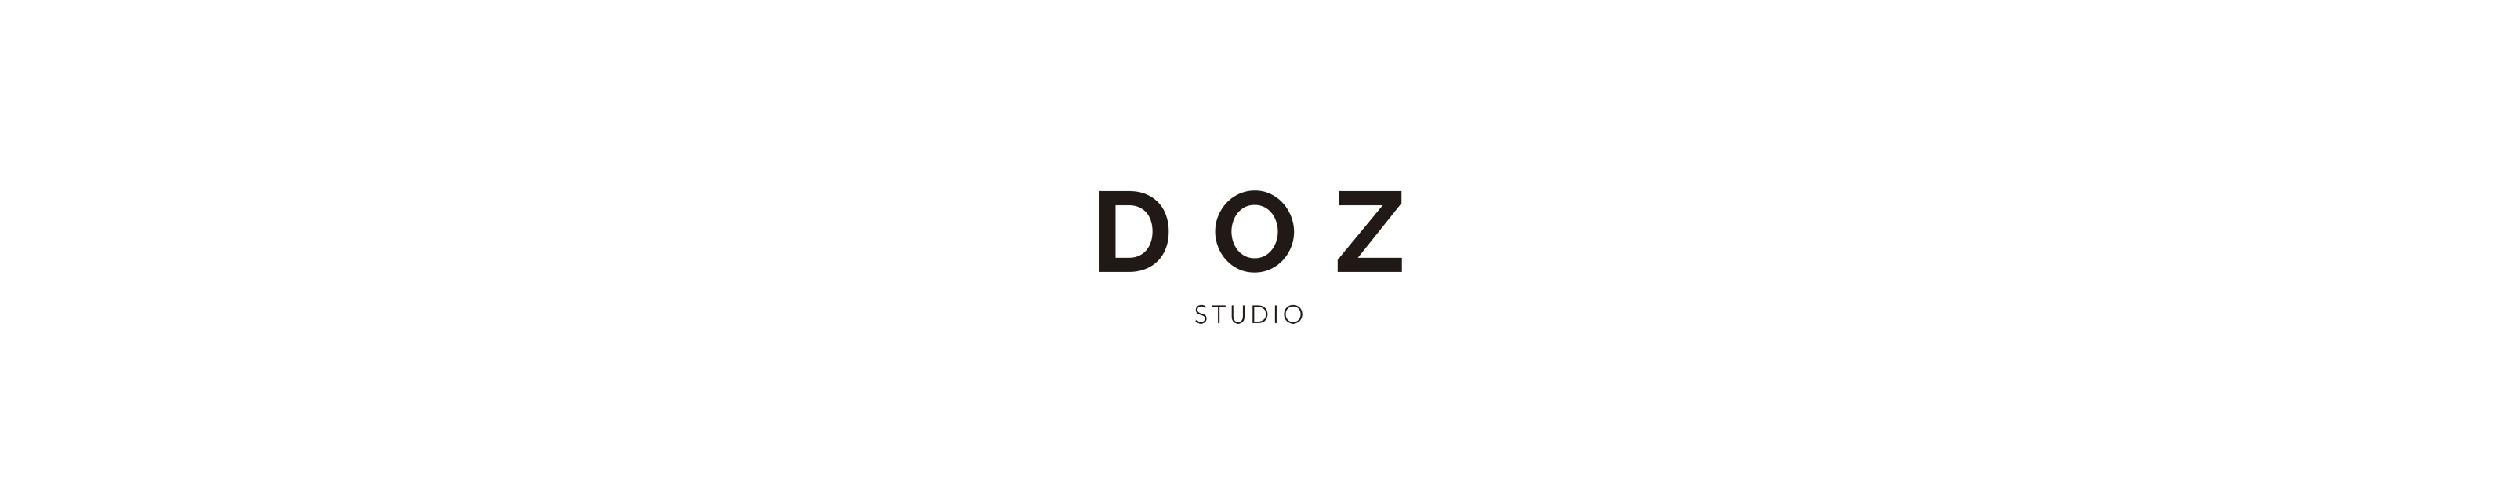 doz-04-04